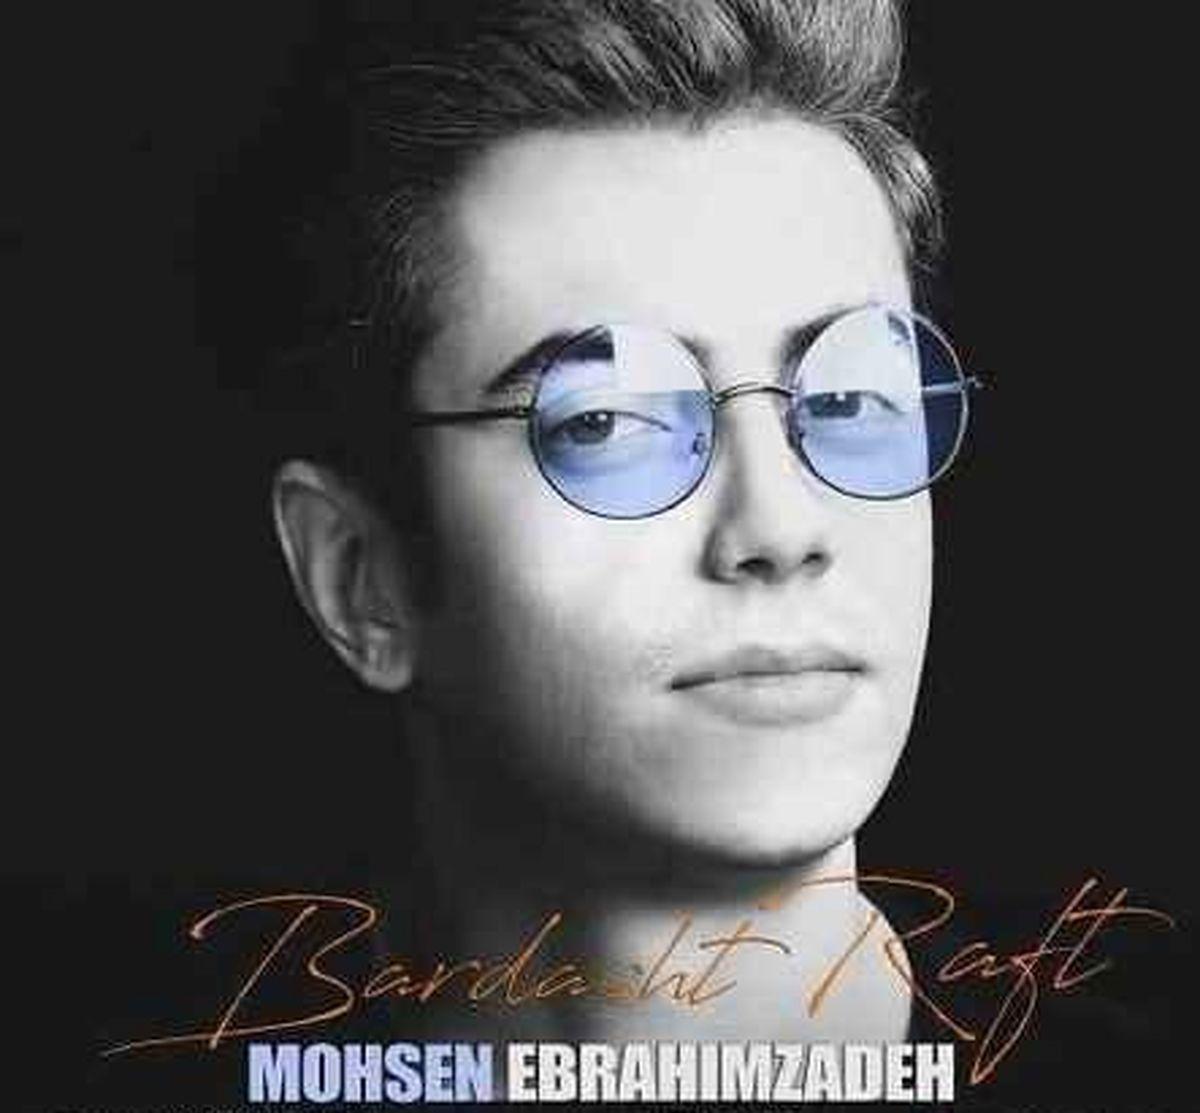 آهنگ بسیار شاد و شنیدنی از محسن ابراهیم زاده/ دل مو/ دانلود آهنگ جدید